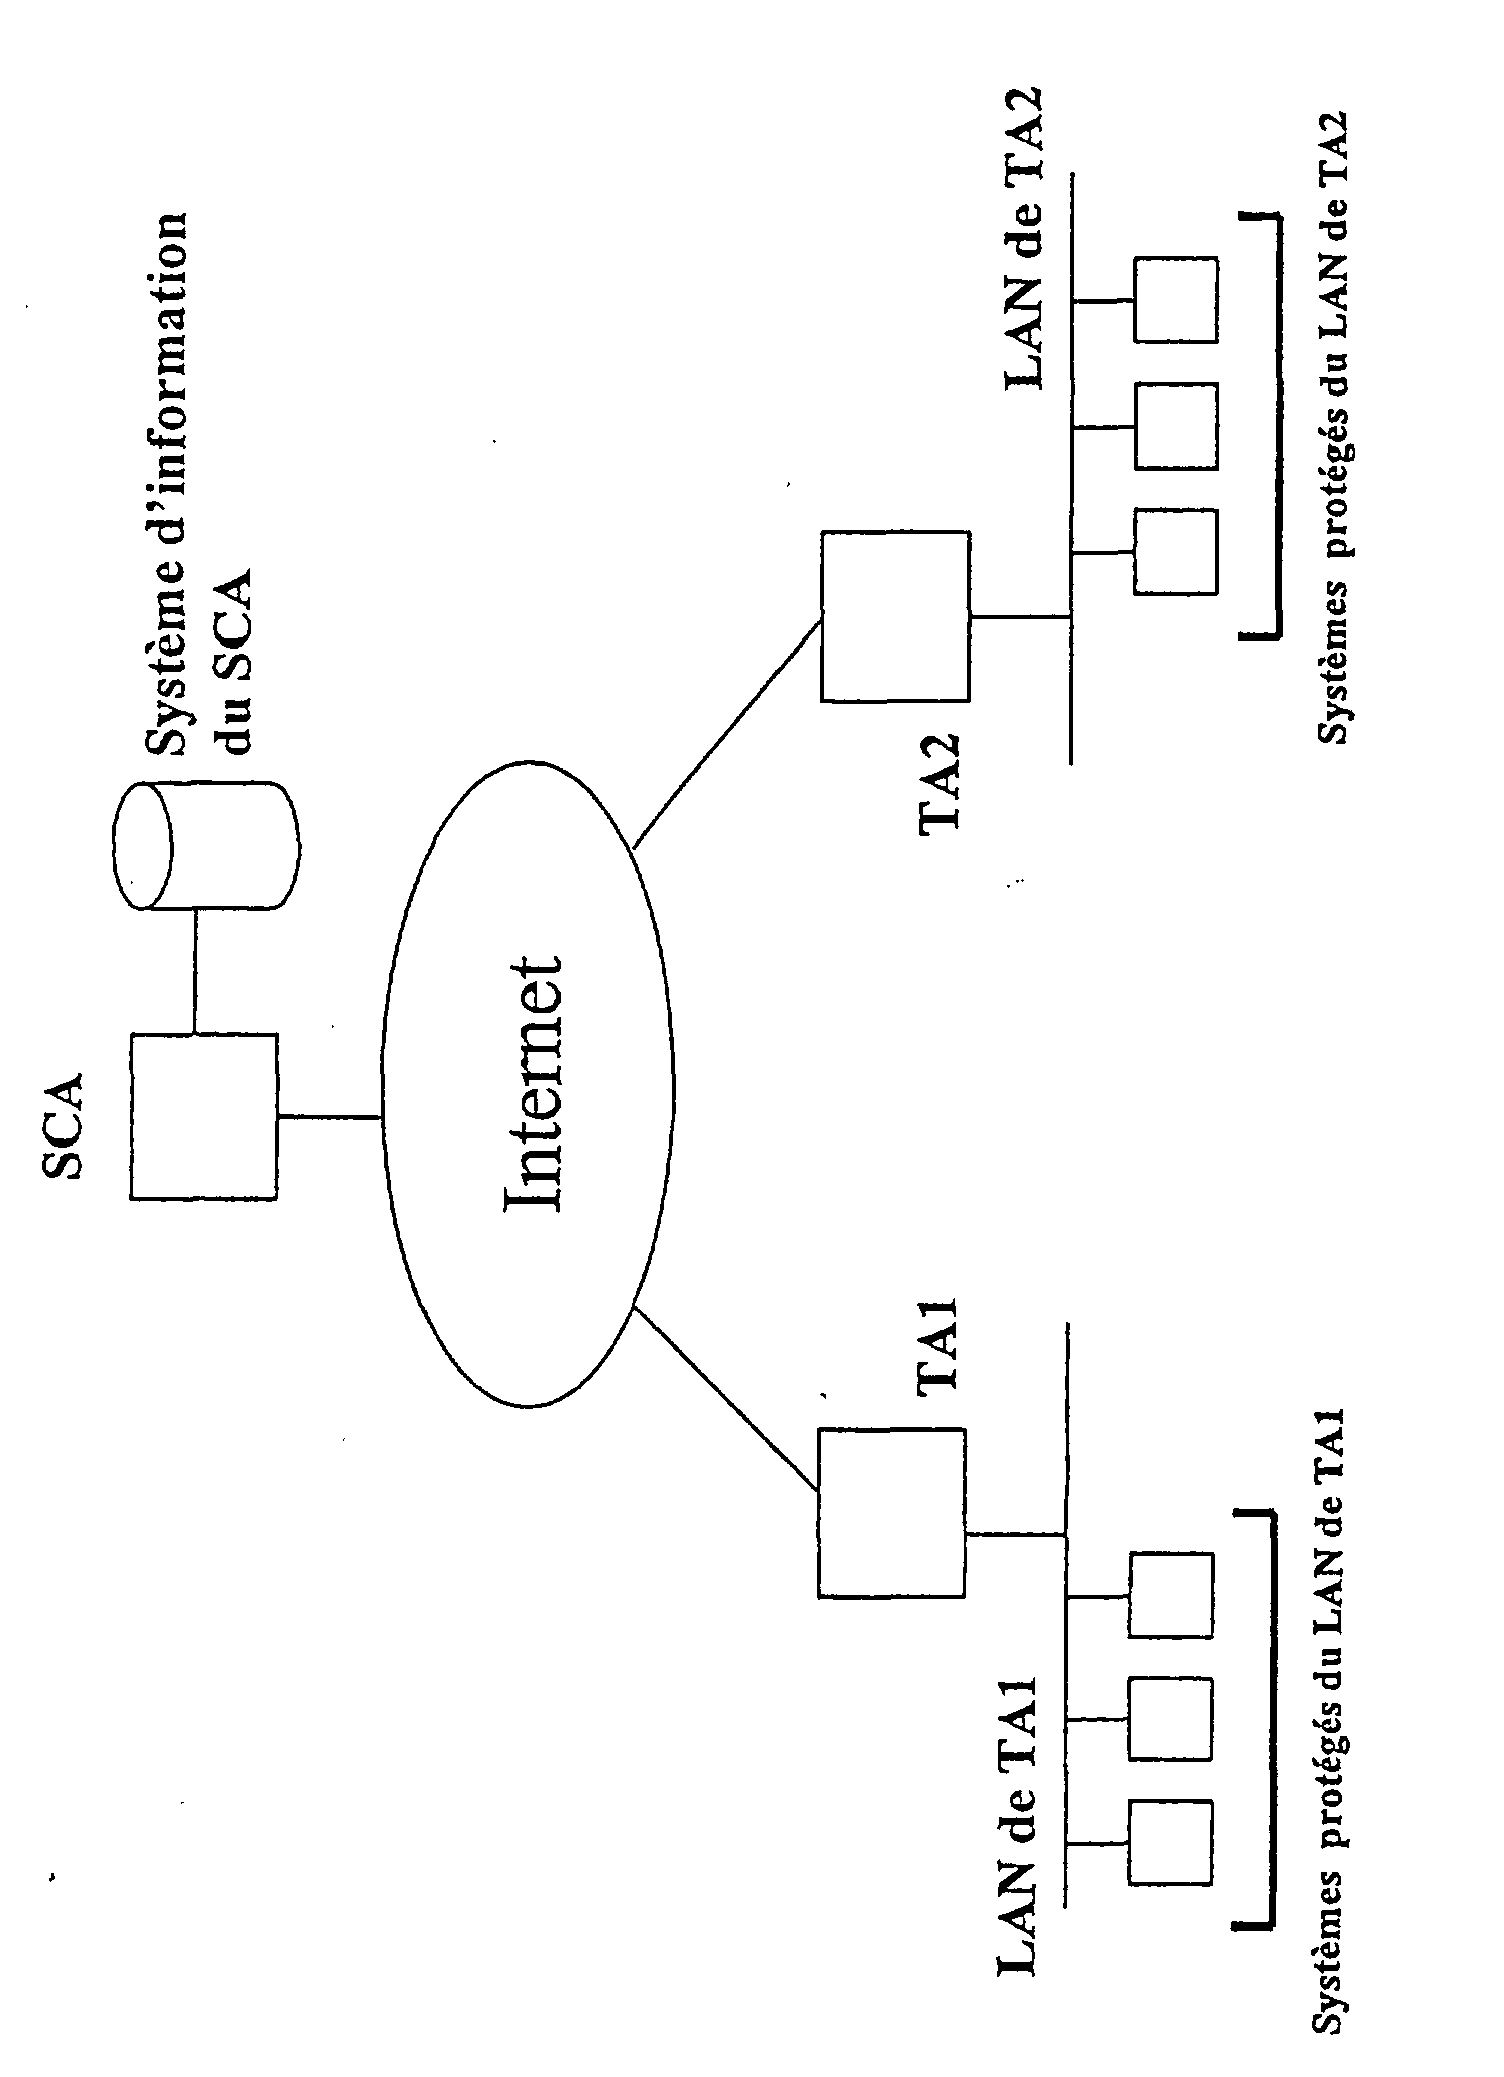 专利ep1202529a2 - procédé